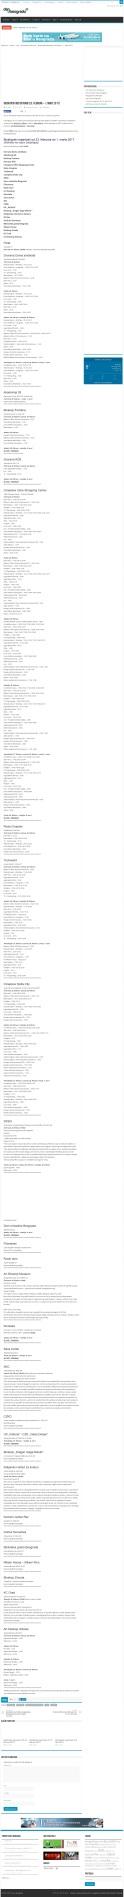 2202 - danubeogradu.rs - Bioskopski repertoar